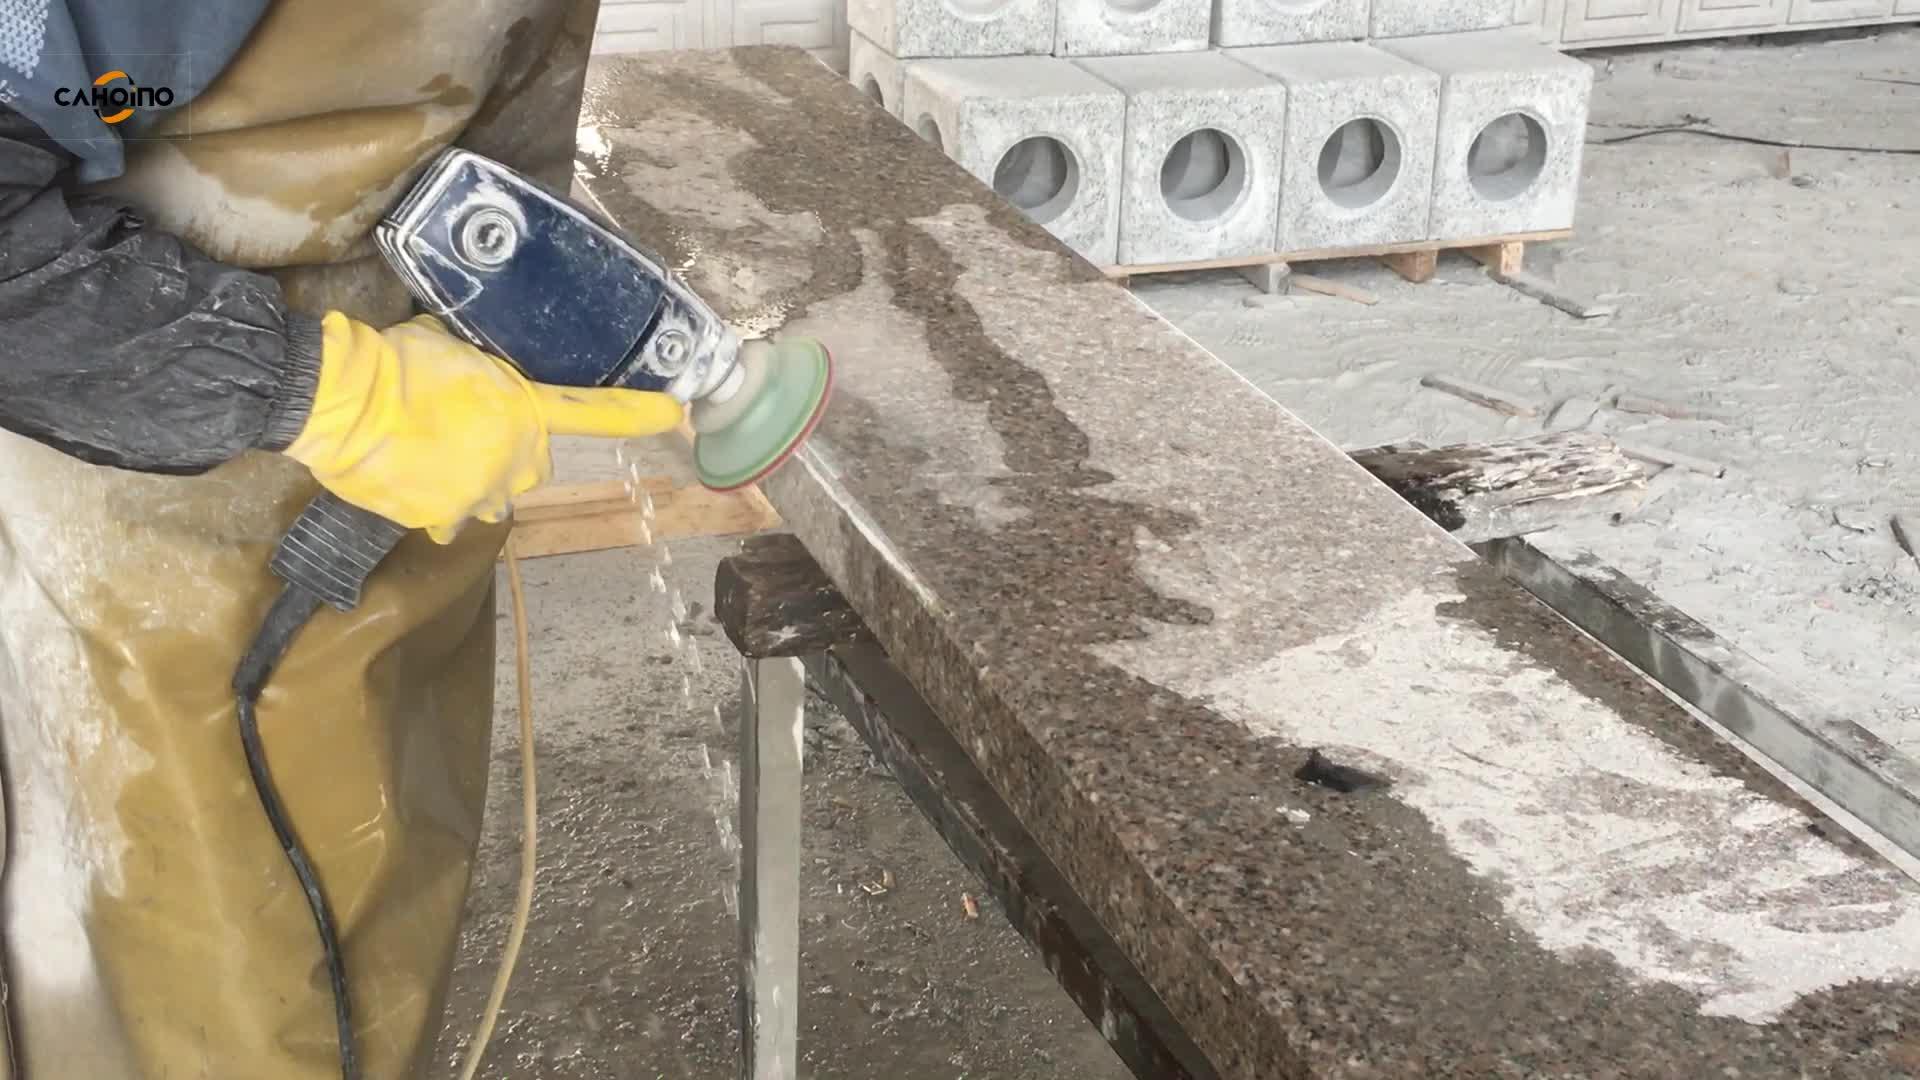 Diamond Abrasive Tools Circular Polishing Pad With Angle Grinder